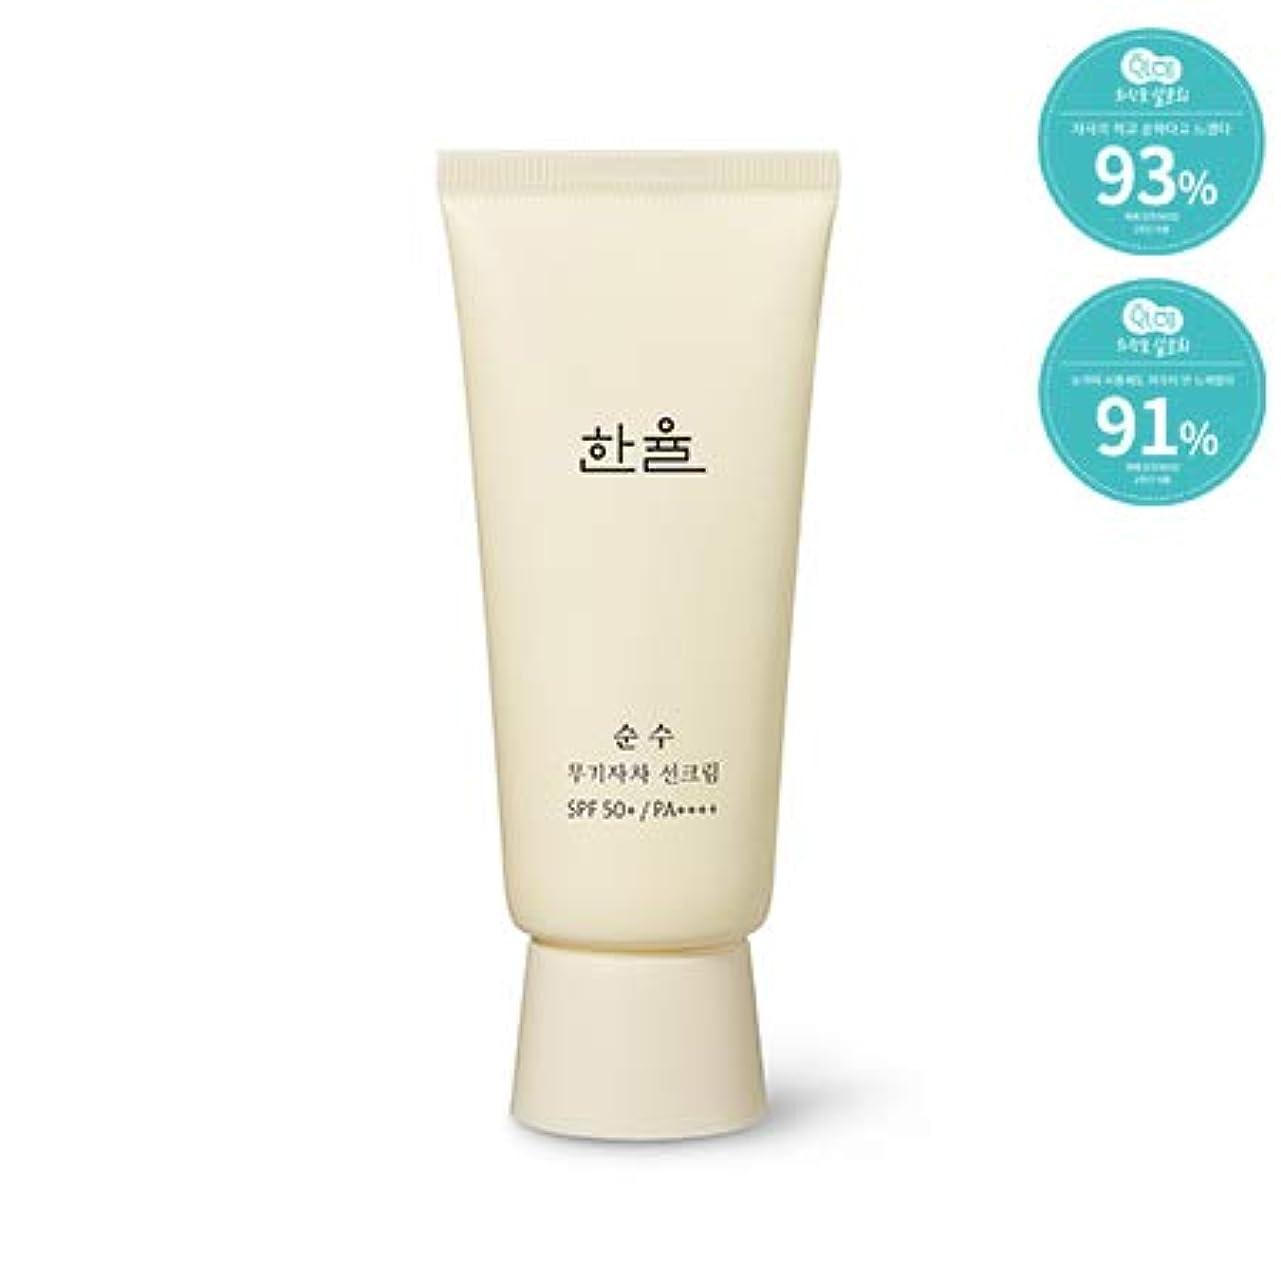 イタリック動詞管理する[ハンユル.HANYUL]純粋な鉱物紫外線日焼け止めSPF50+/ PA++++ Hanyul Pure Sunscreen Cream SPF50+/ PA++++快速発送(8日限)